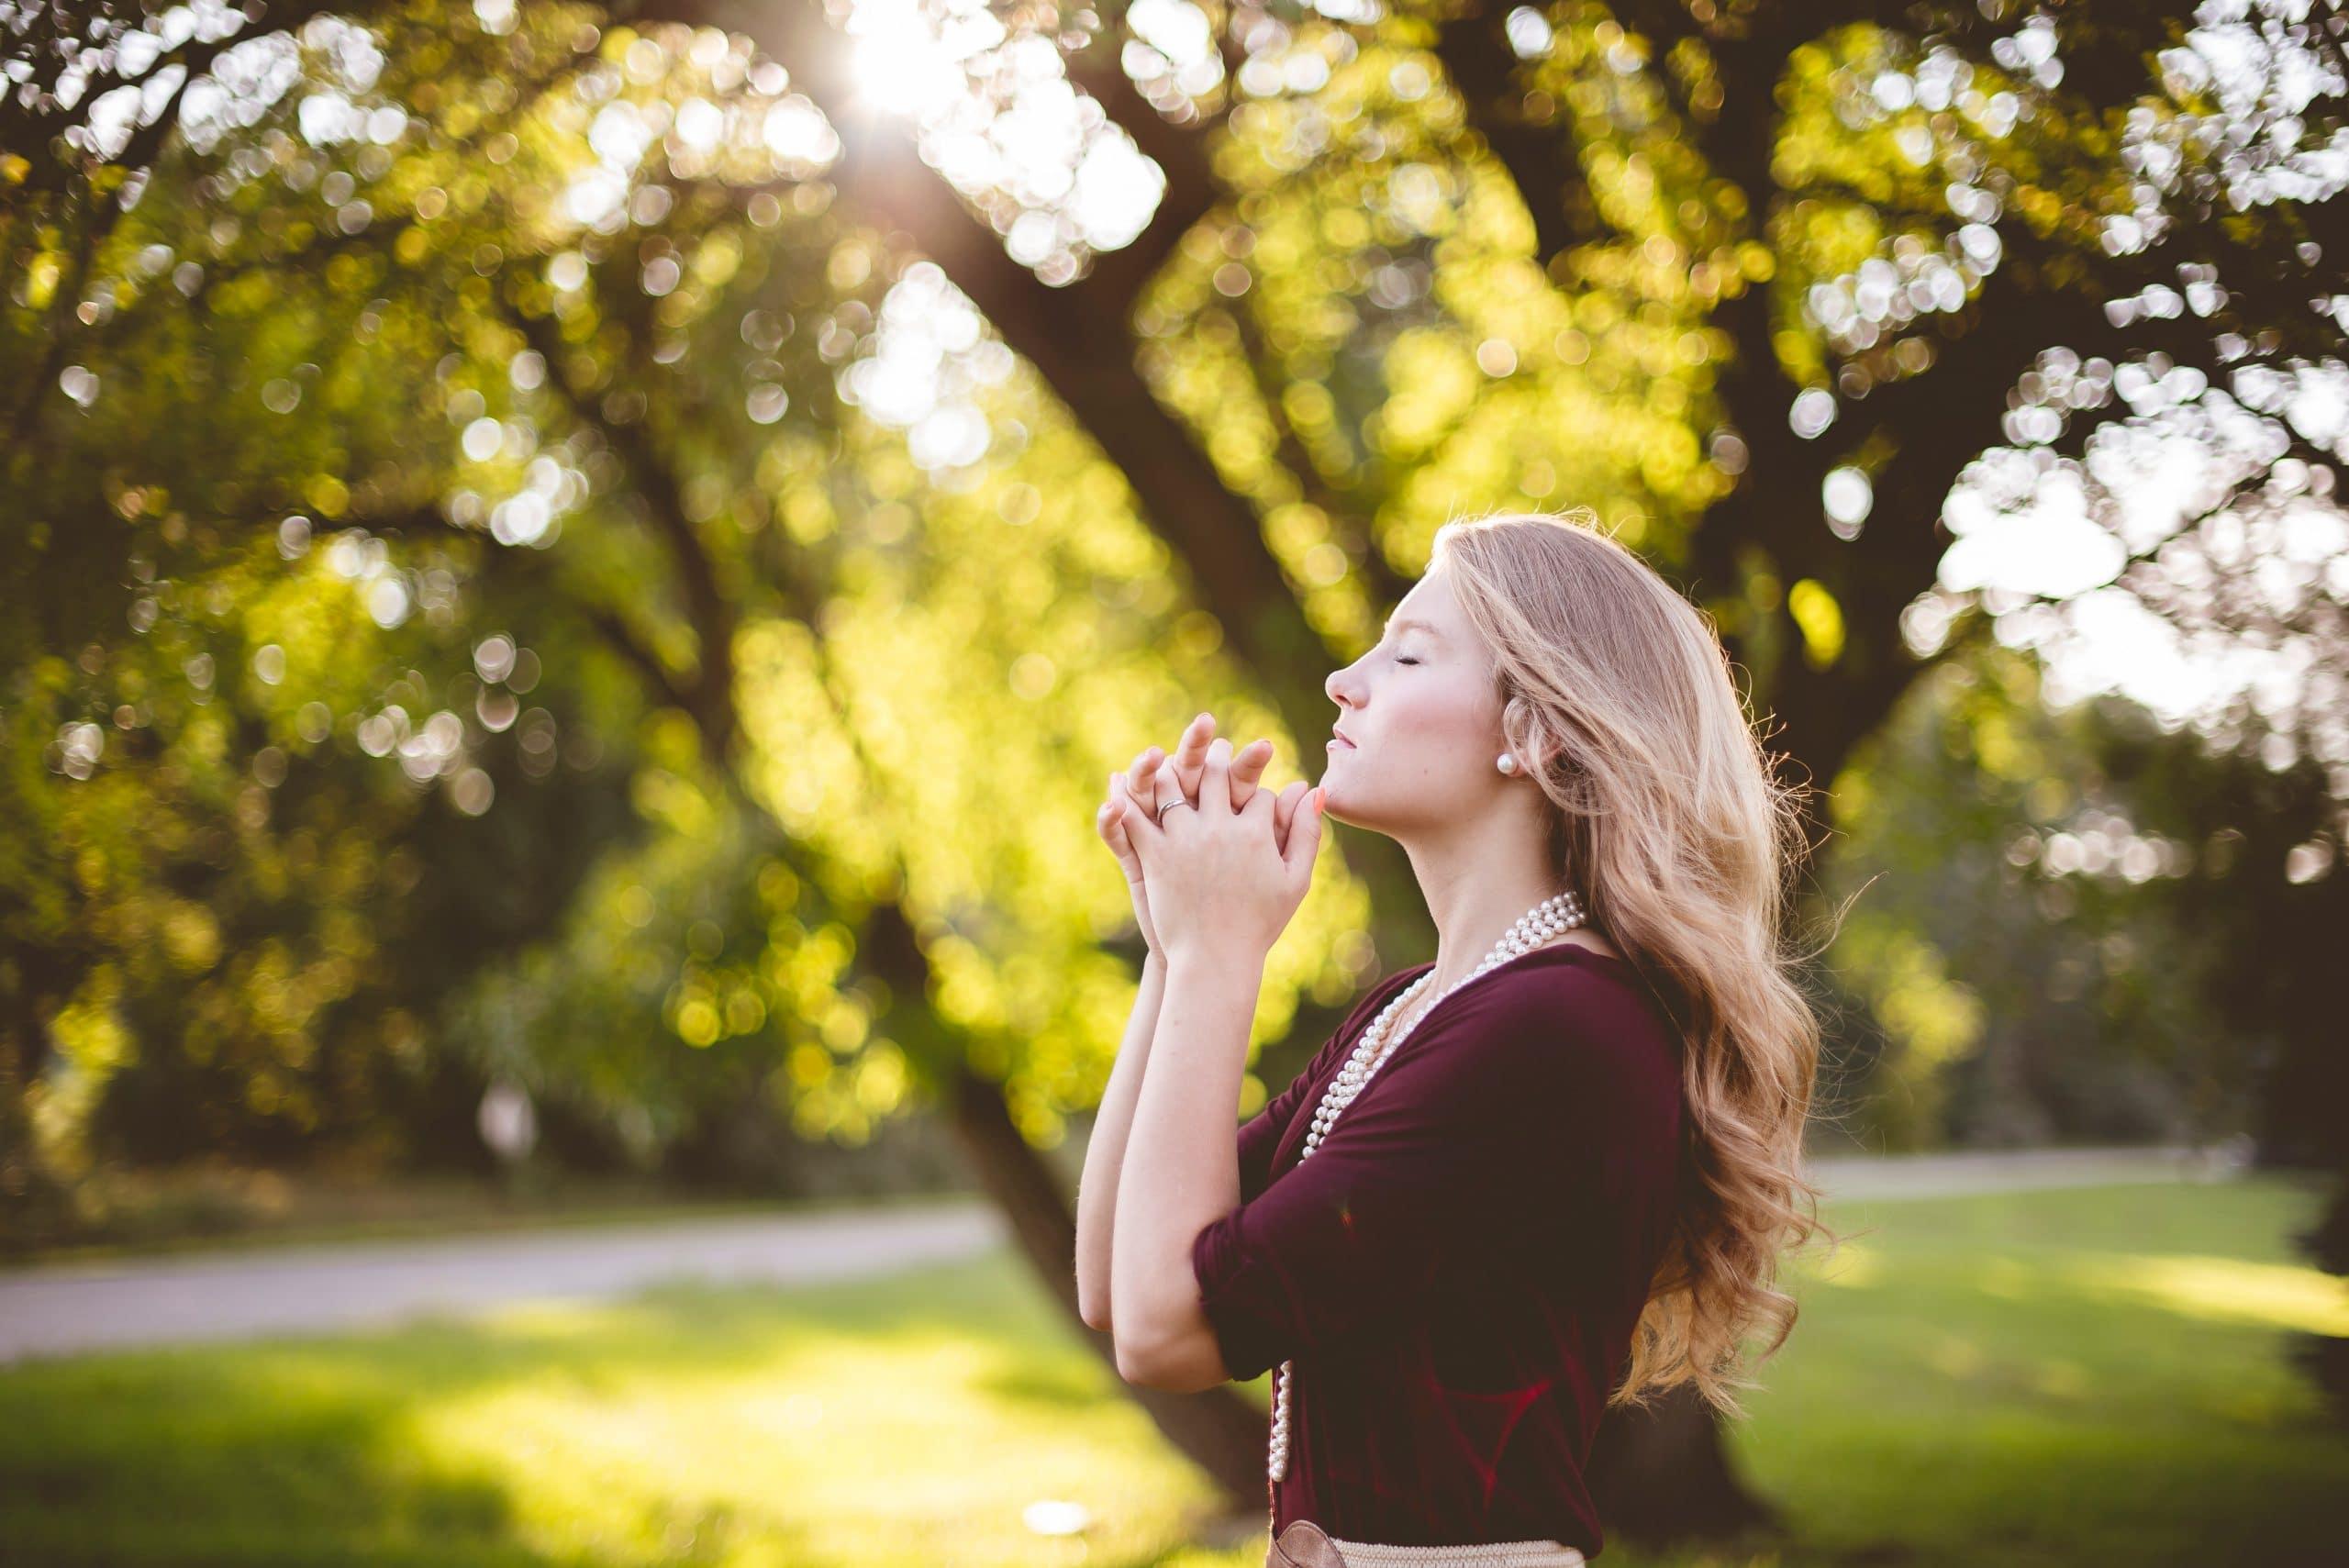 Mulher com as mãos unidas em sinal de oração em meio a um parque. Seus olhos estão fechados.